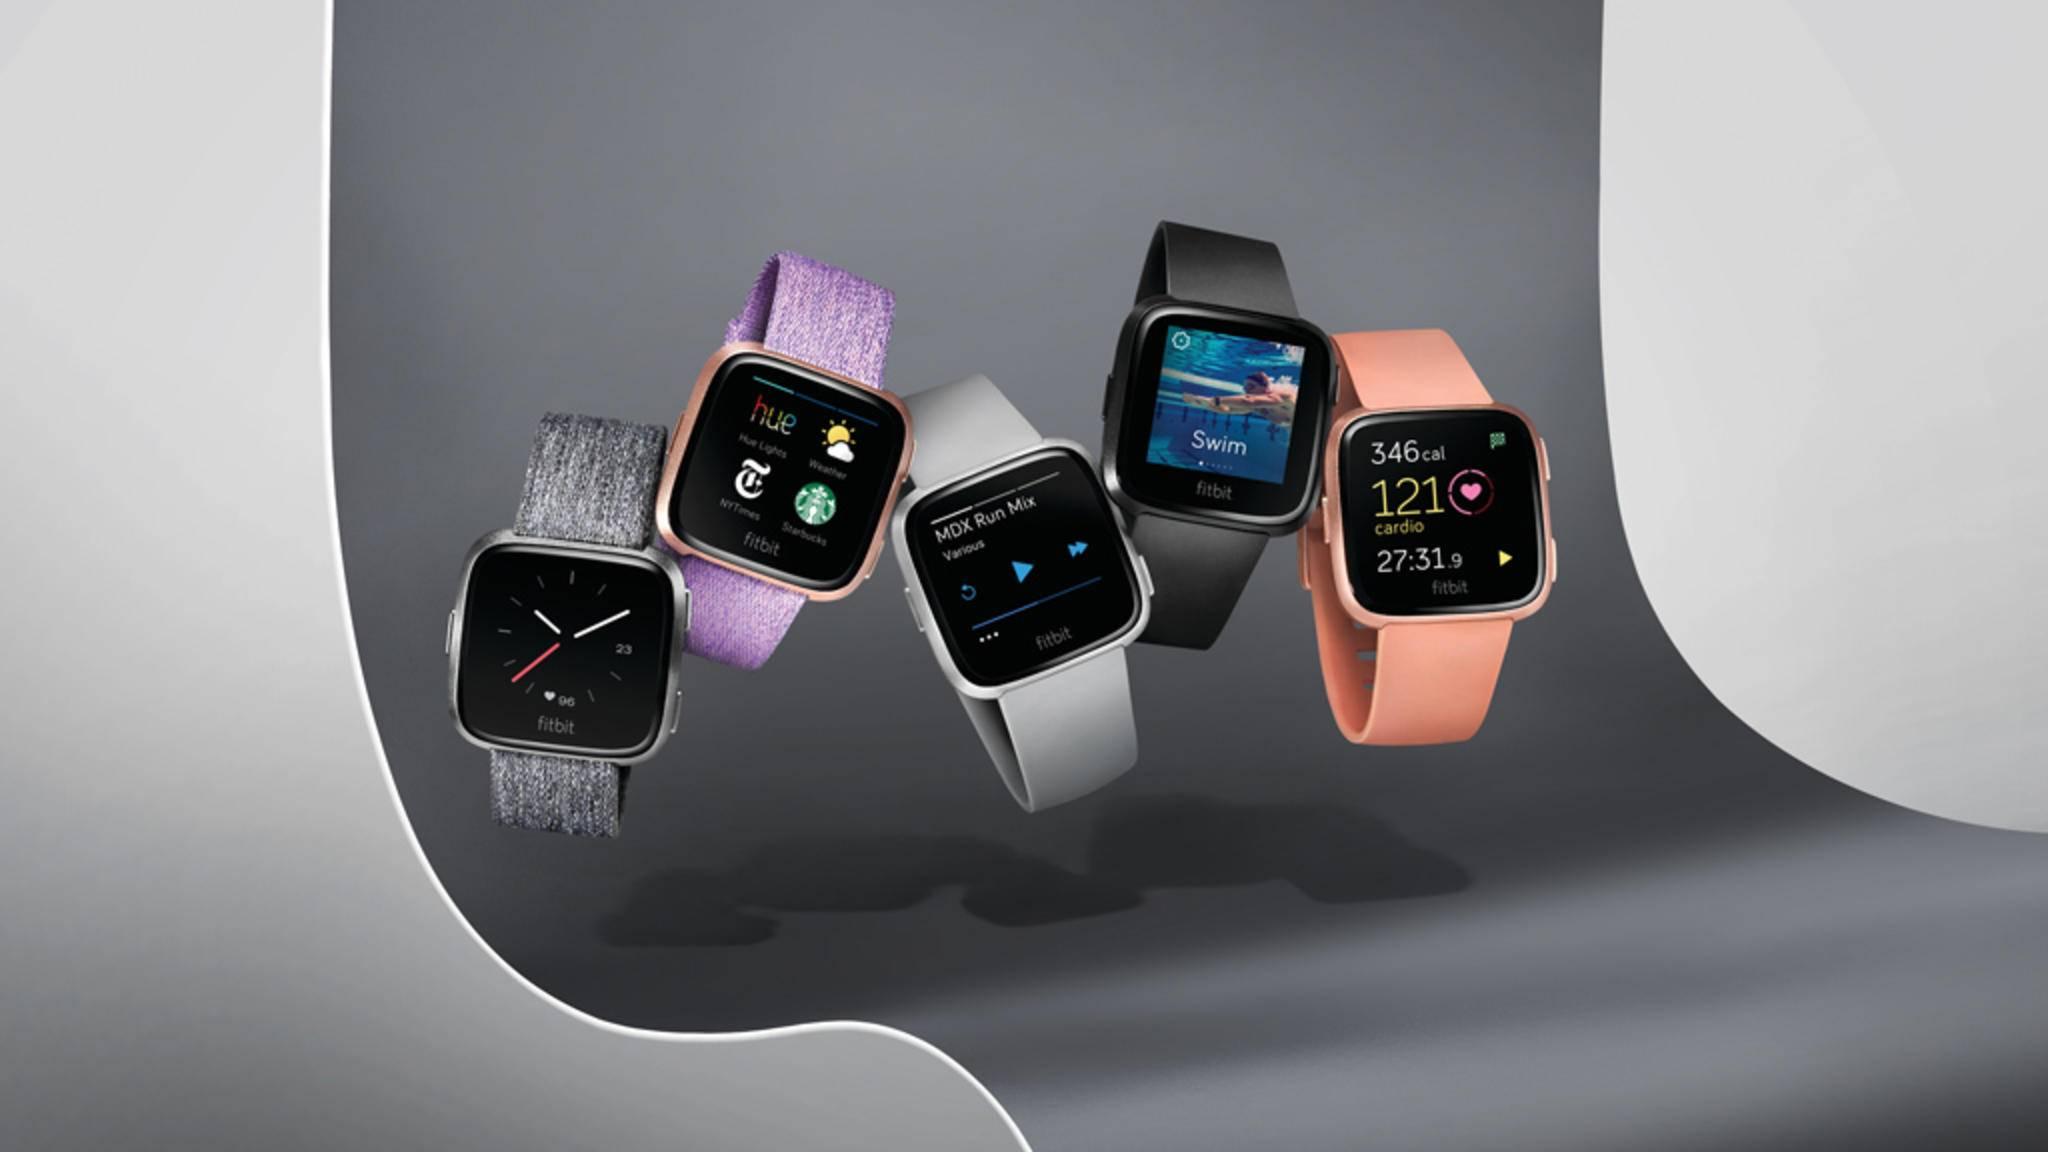 Ab sofort im Handel erhältlich: die Fitbit Versa.